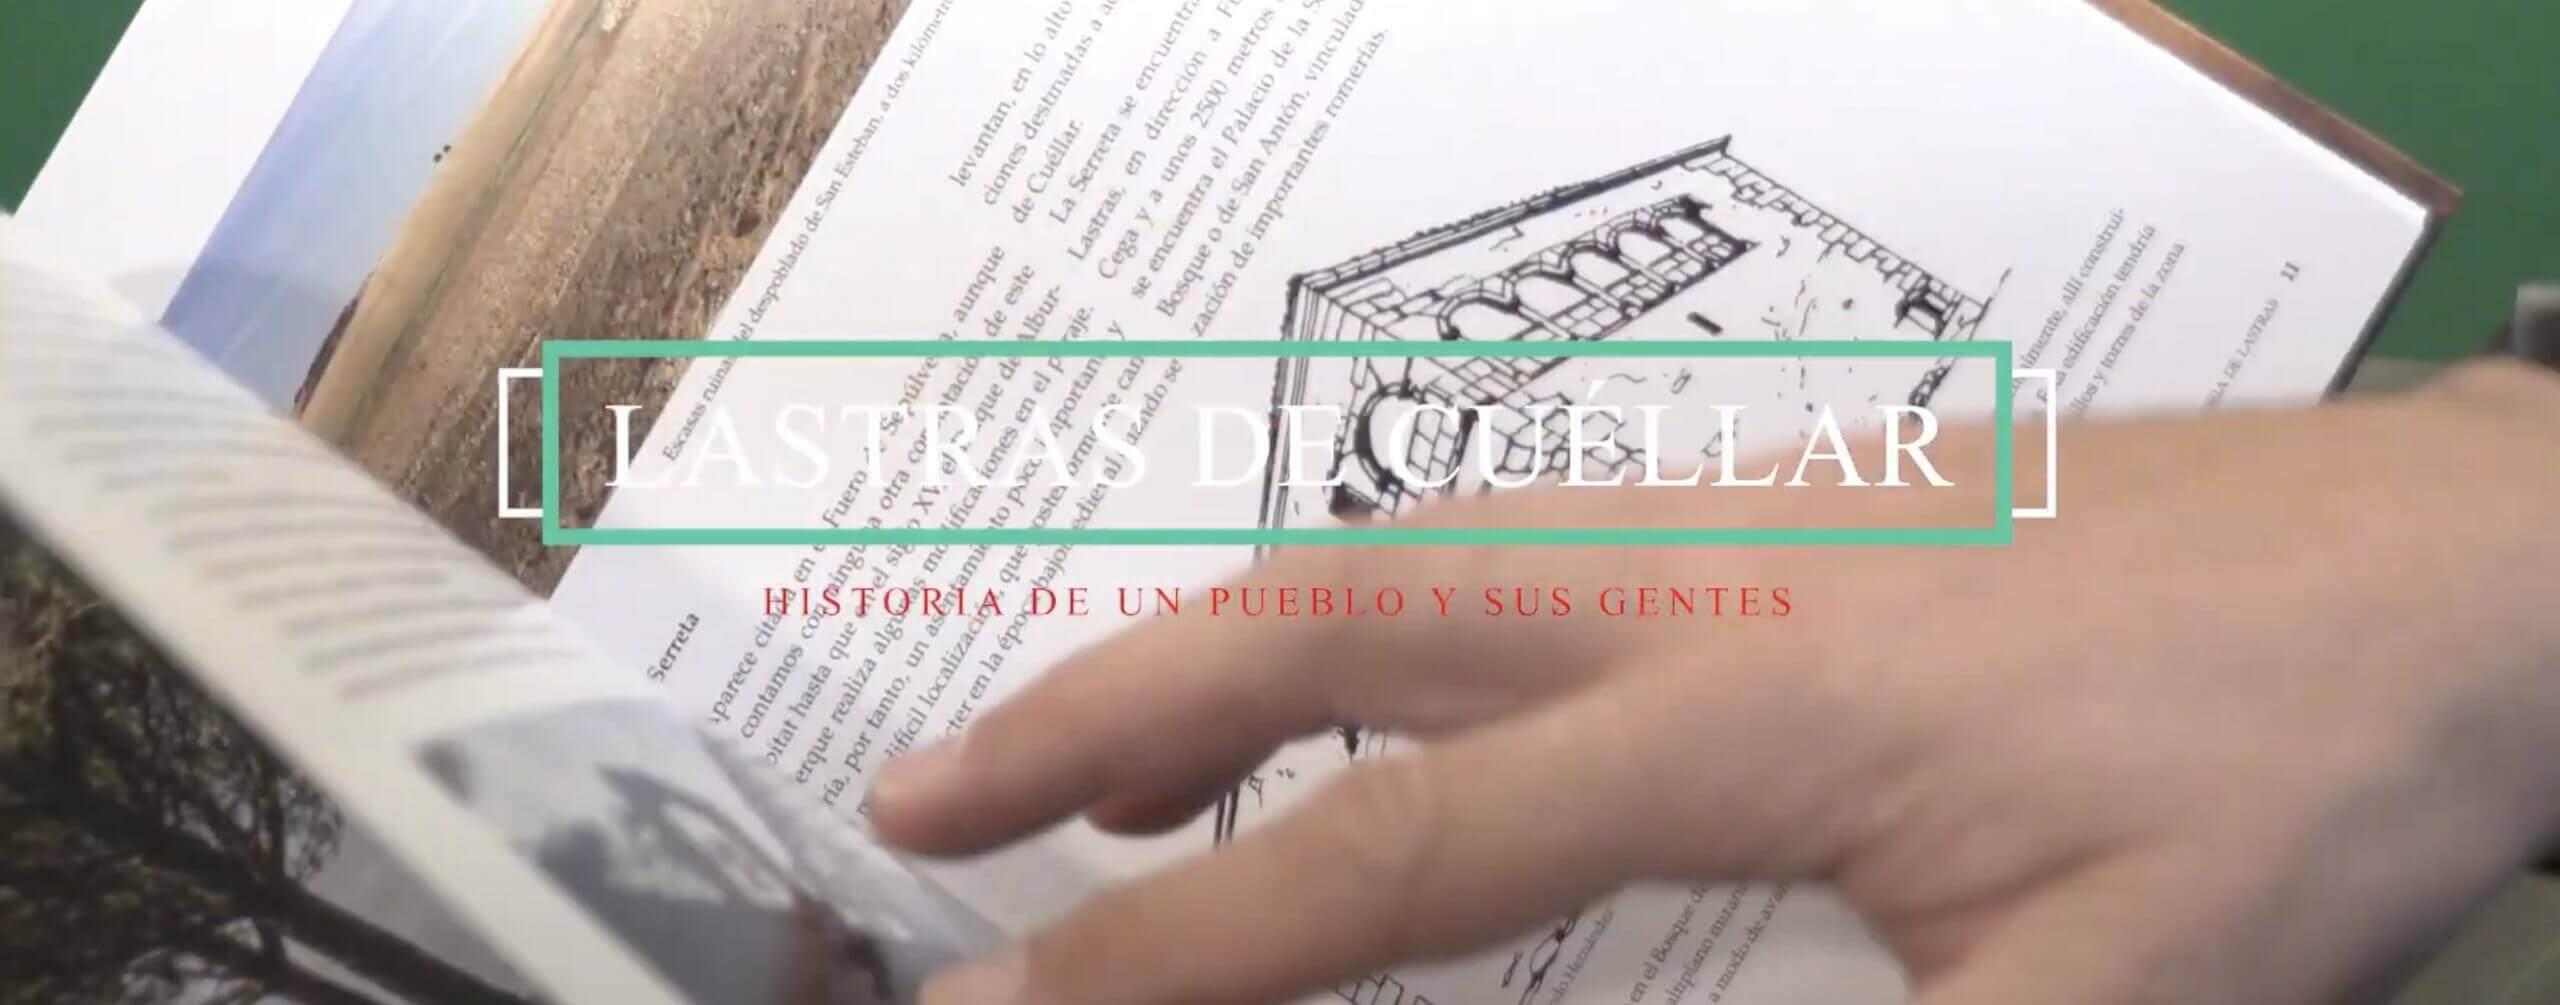 Lastras de Cuéllar, historia de un pueblo y sus gentes